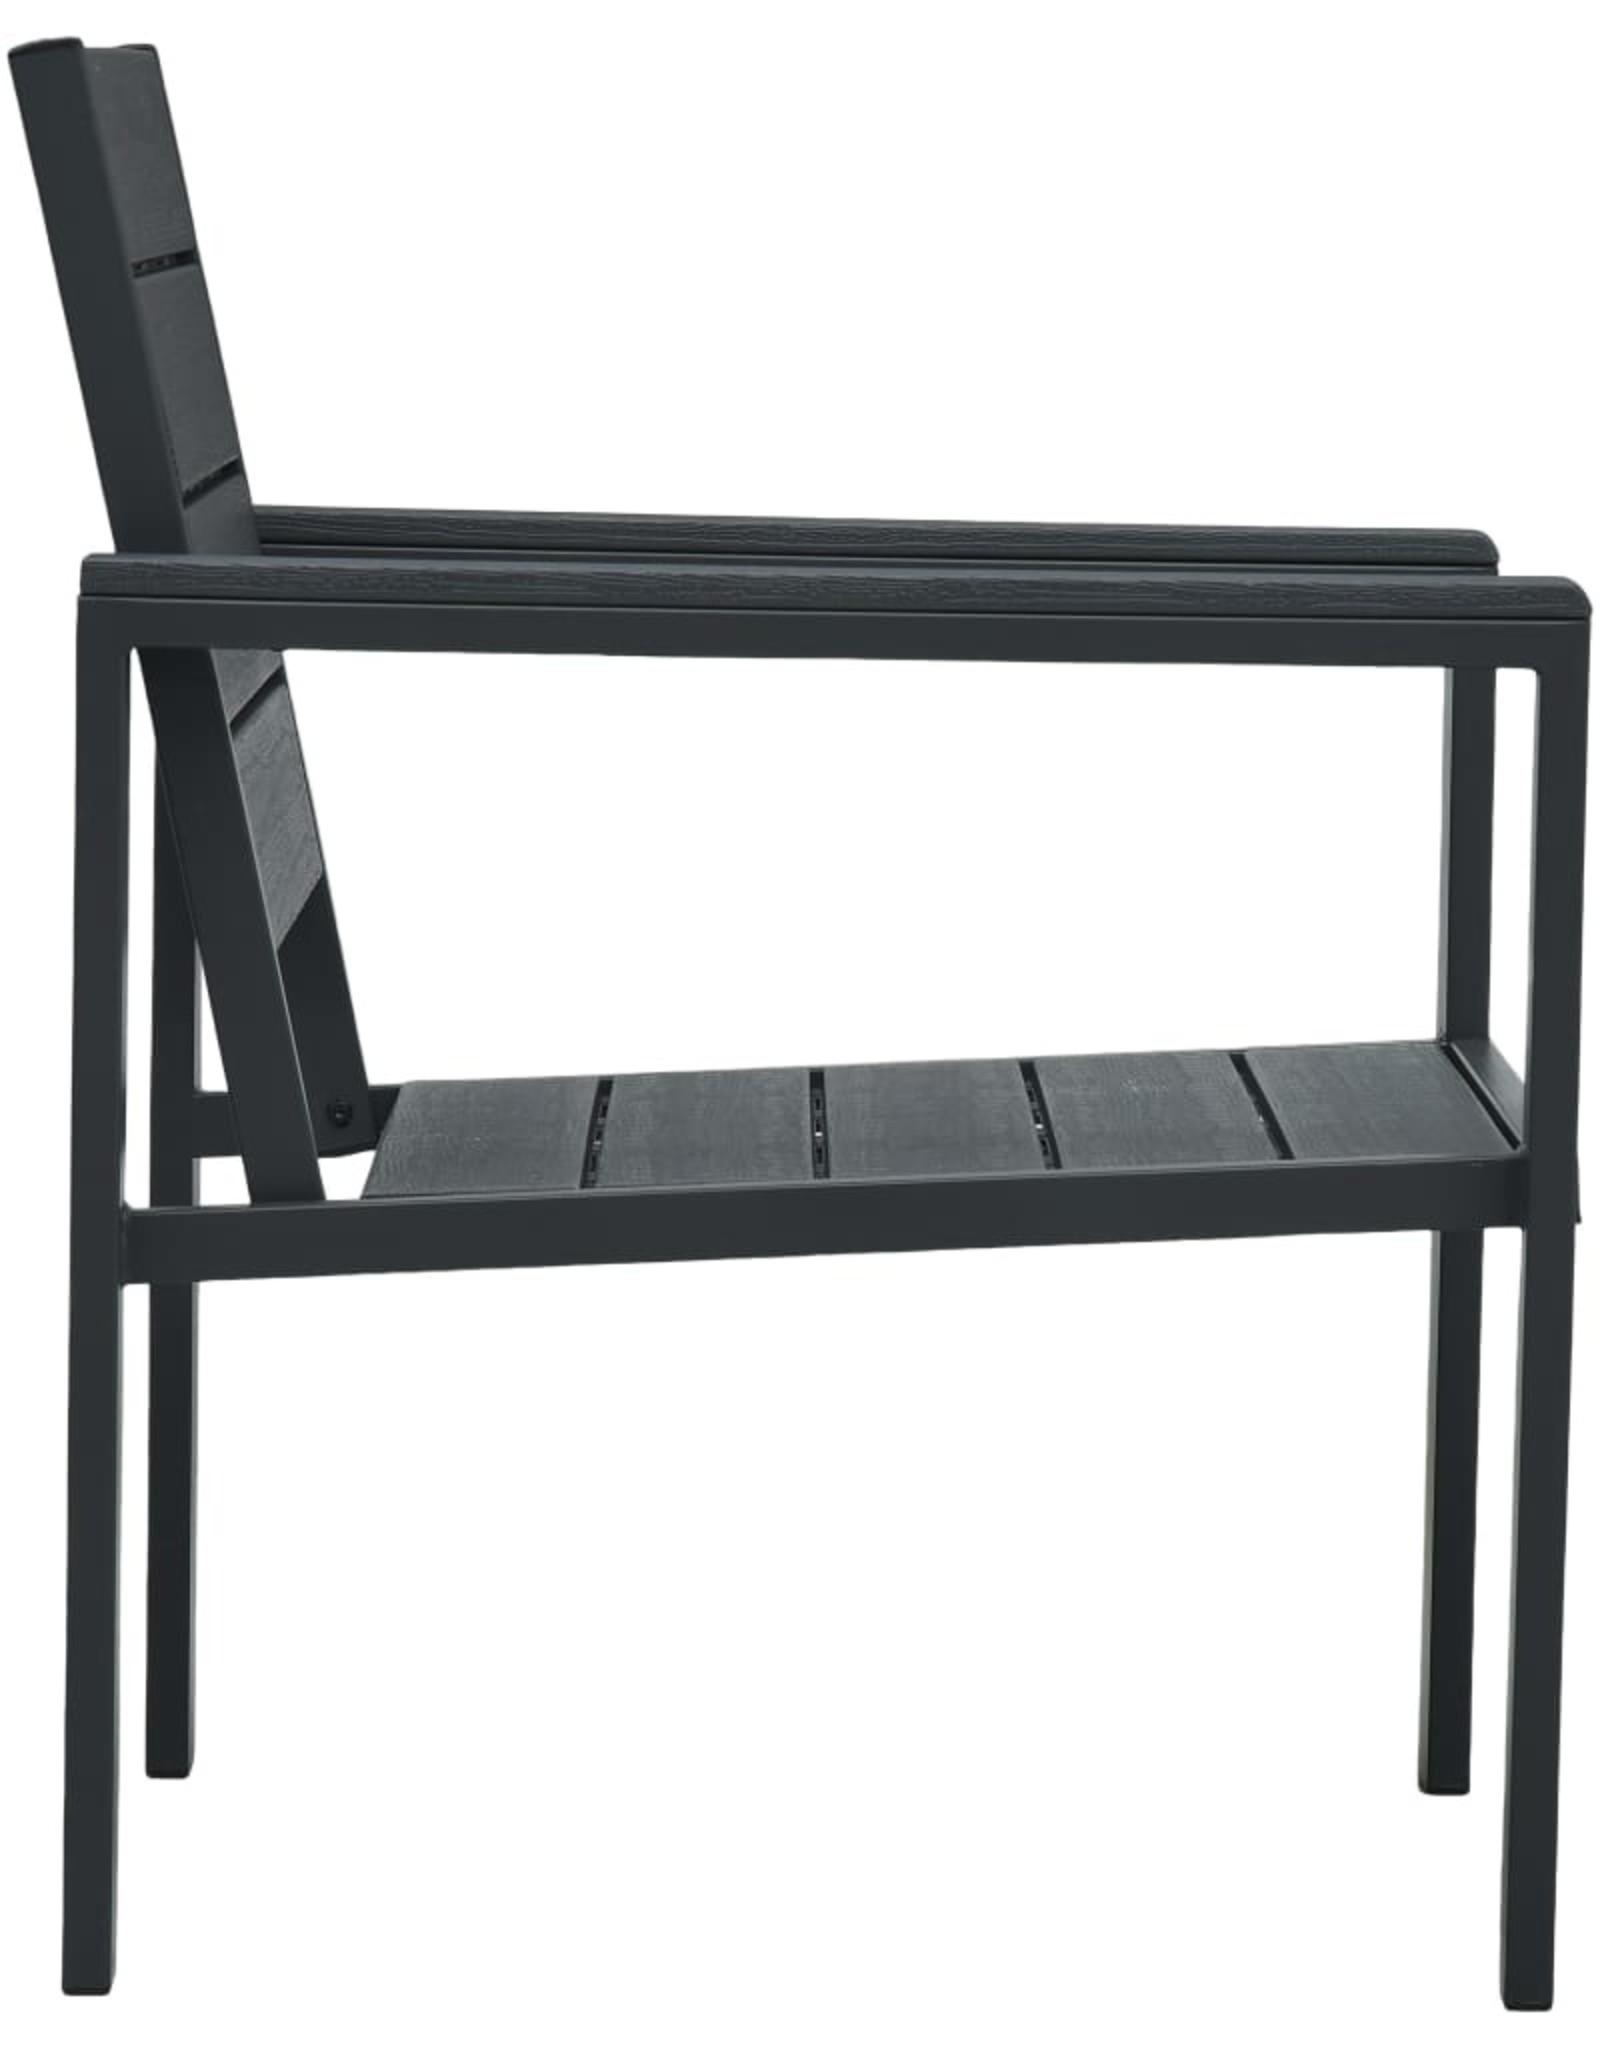 vidaXL 4-delige Loungeset hout-look HDPE grijs